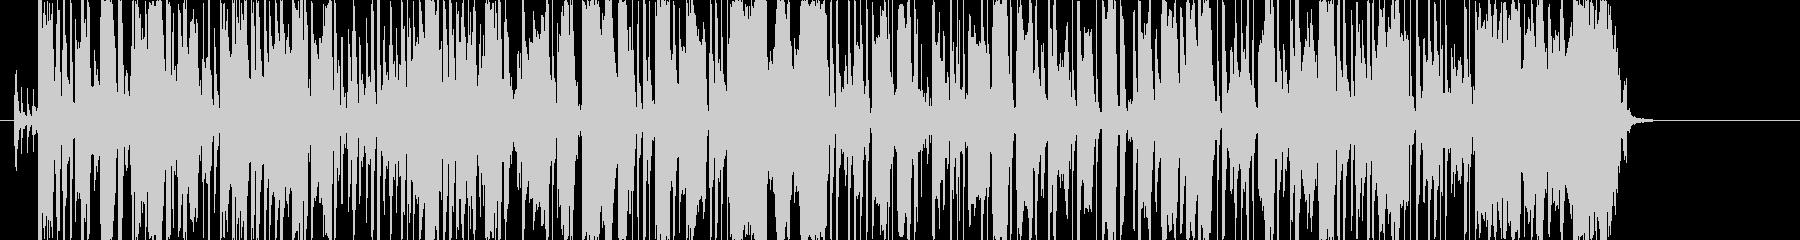 エフェクトのかかったスラップベースの未再生の波形